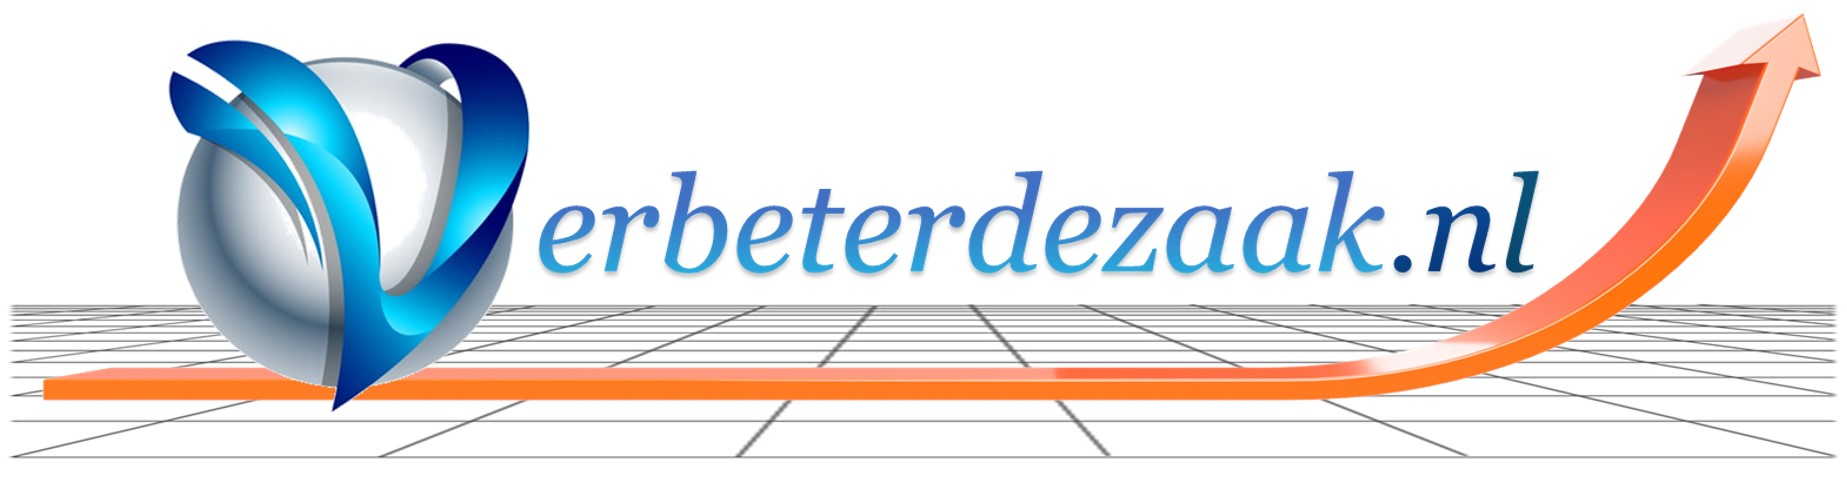 Verbeterdezaak.nl